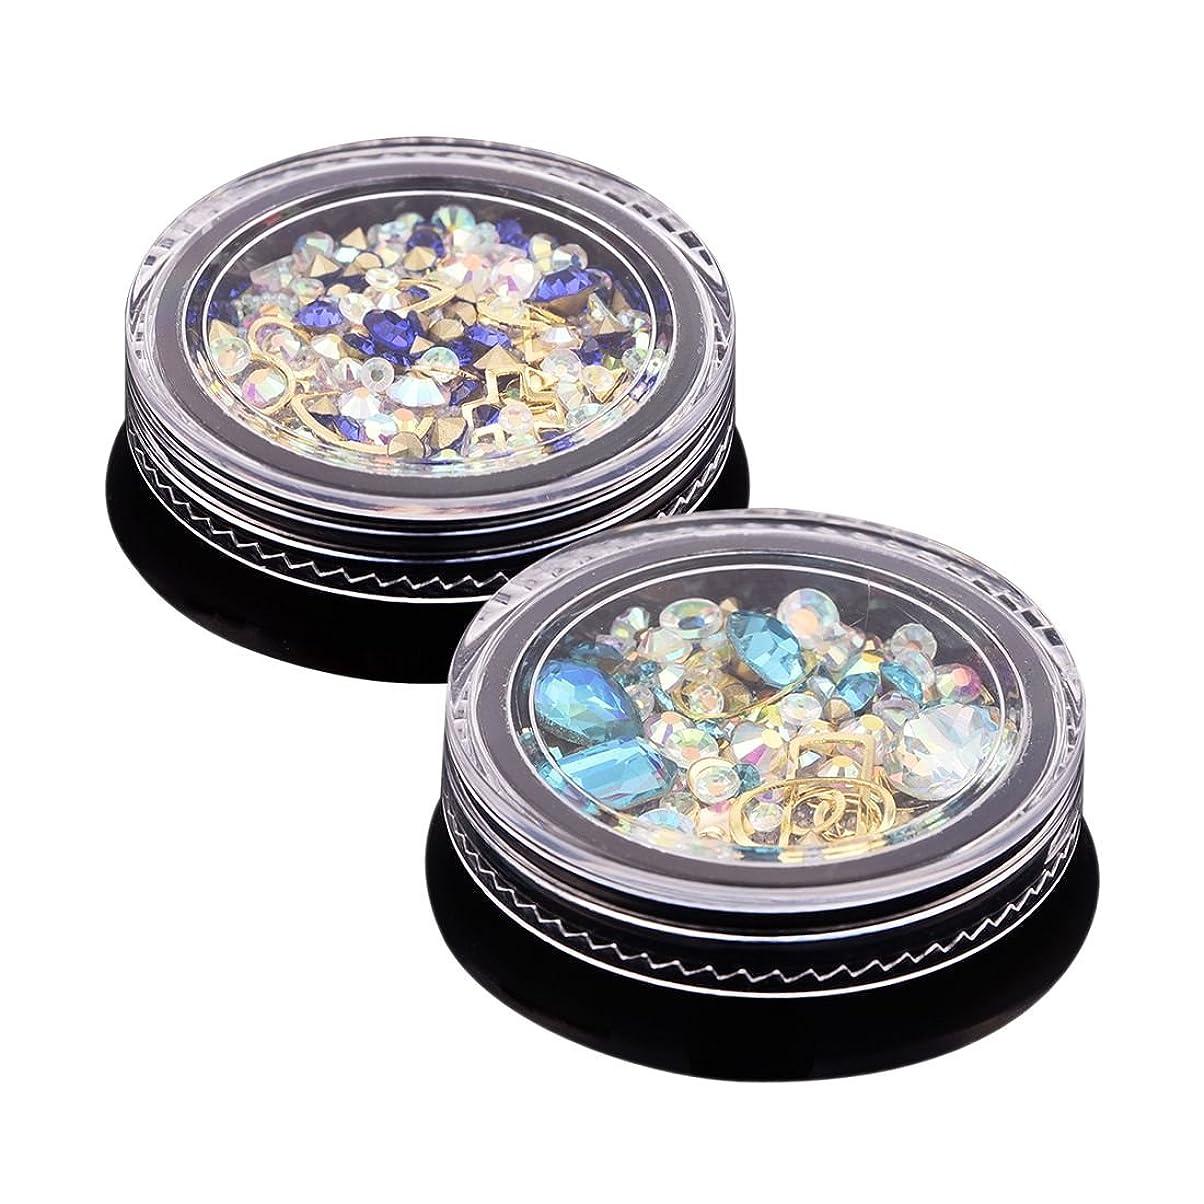 アプト痛いジェムSODIAL 2ボックス3Dネイルジュエリーカラフル混合アクリルチップダイヤモンドフラットジュエルストーンネイルラインストーンマニキュアDIYネイルアートデコレーション(ロイヤルブルー、アクアブルー各1個)